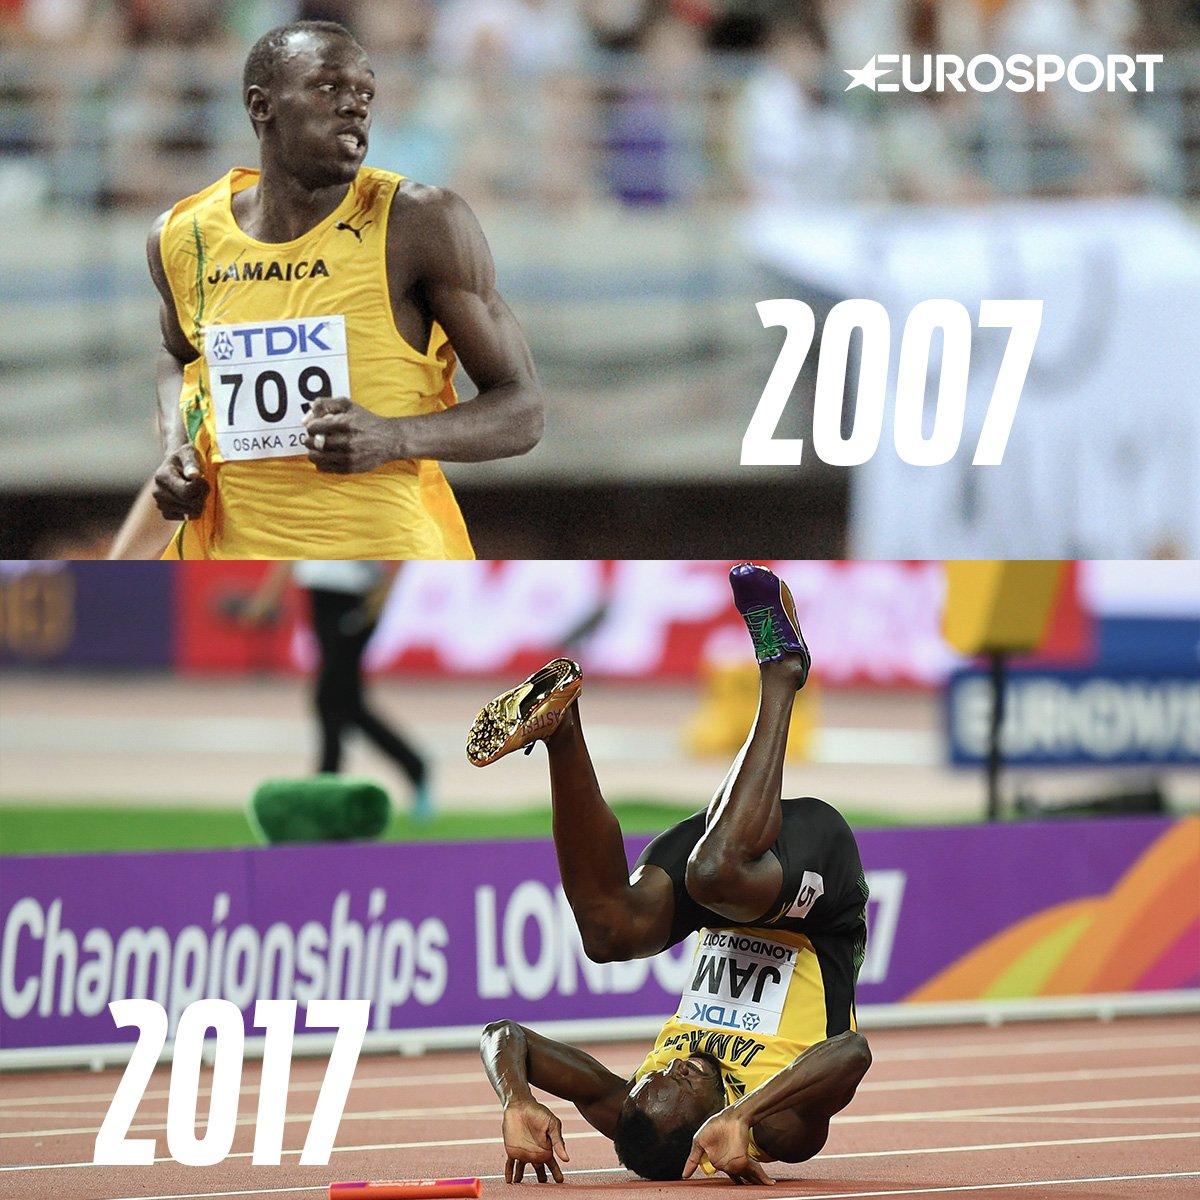 Les histoires d'amour finissent mal... en général 💔😢#Bolt